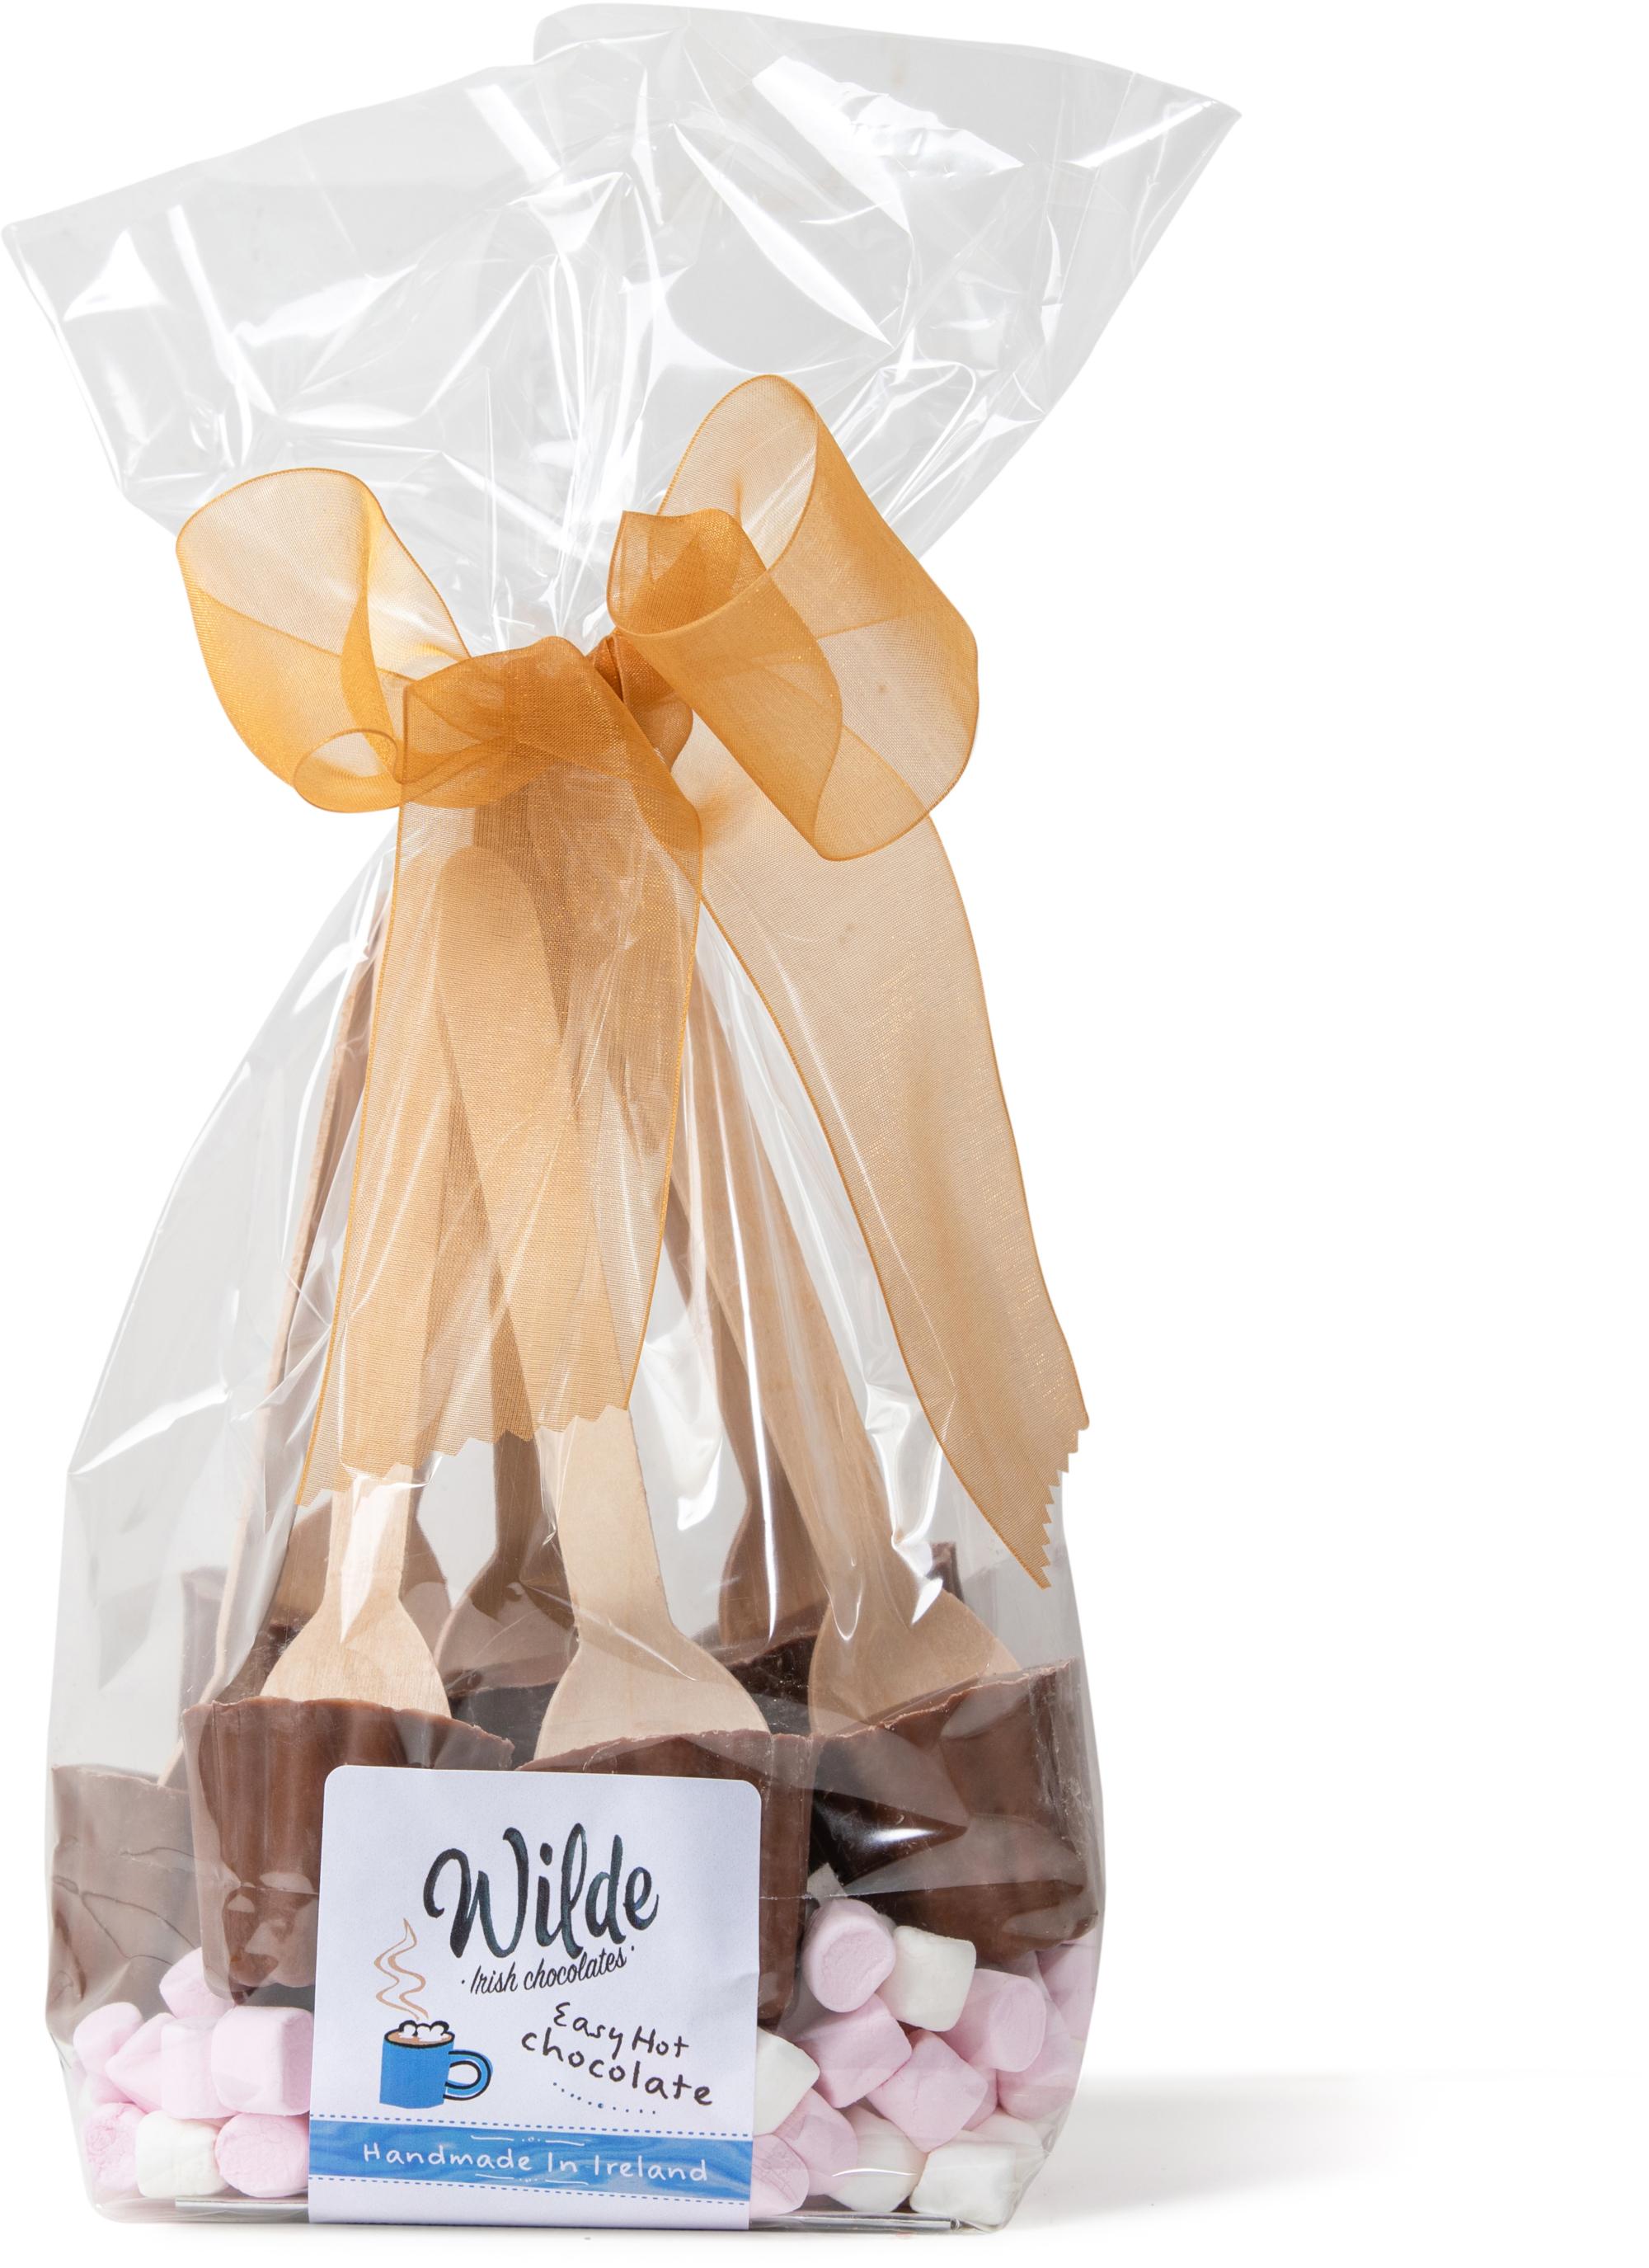 hot chocolate for two - Wilde Irish Chocolates